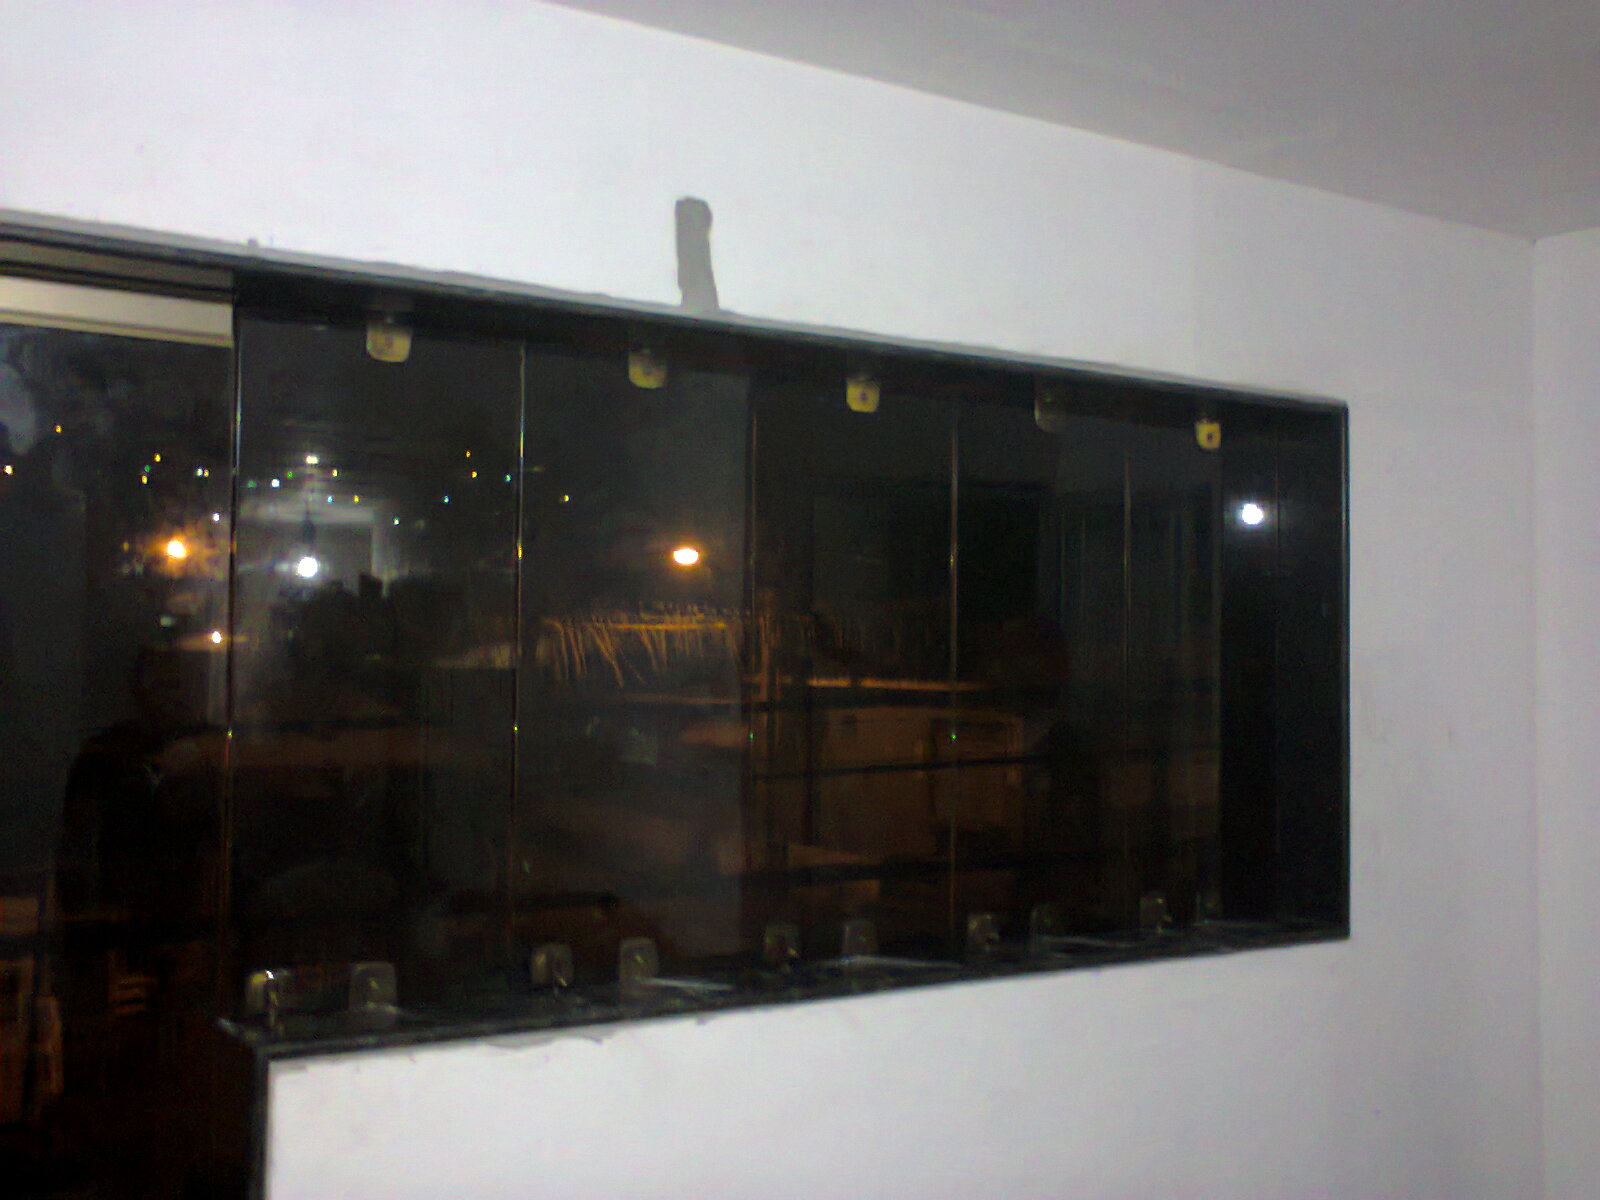 #614830 Janelas De Blindex Portas E Janelas De Madeira Portas E Janelas De 1002 Portas E Janelas De Aluminio Baratas No Rj